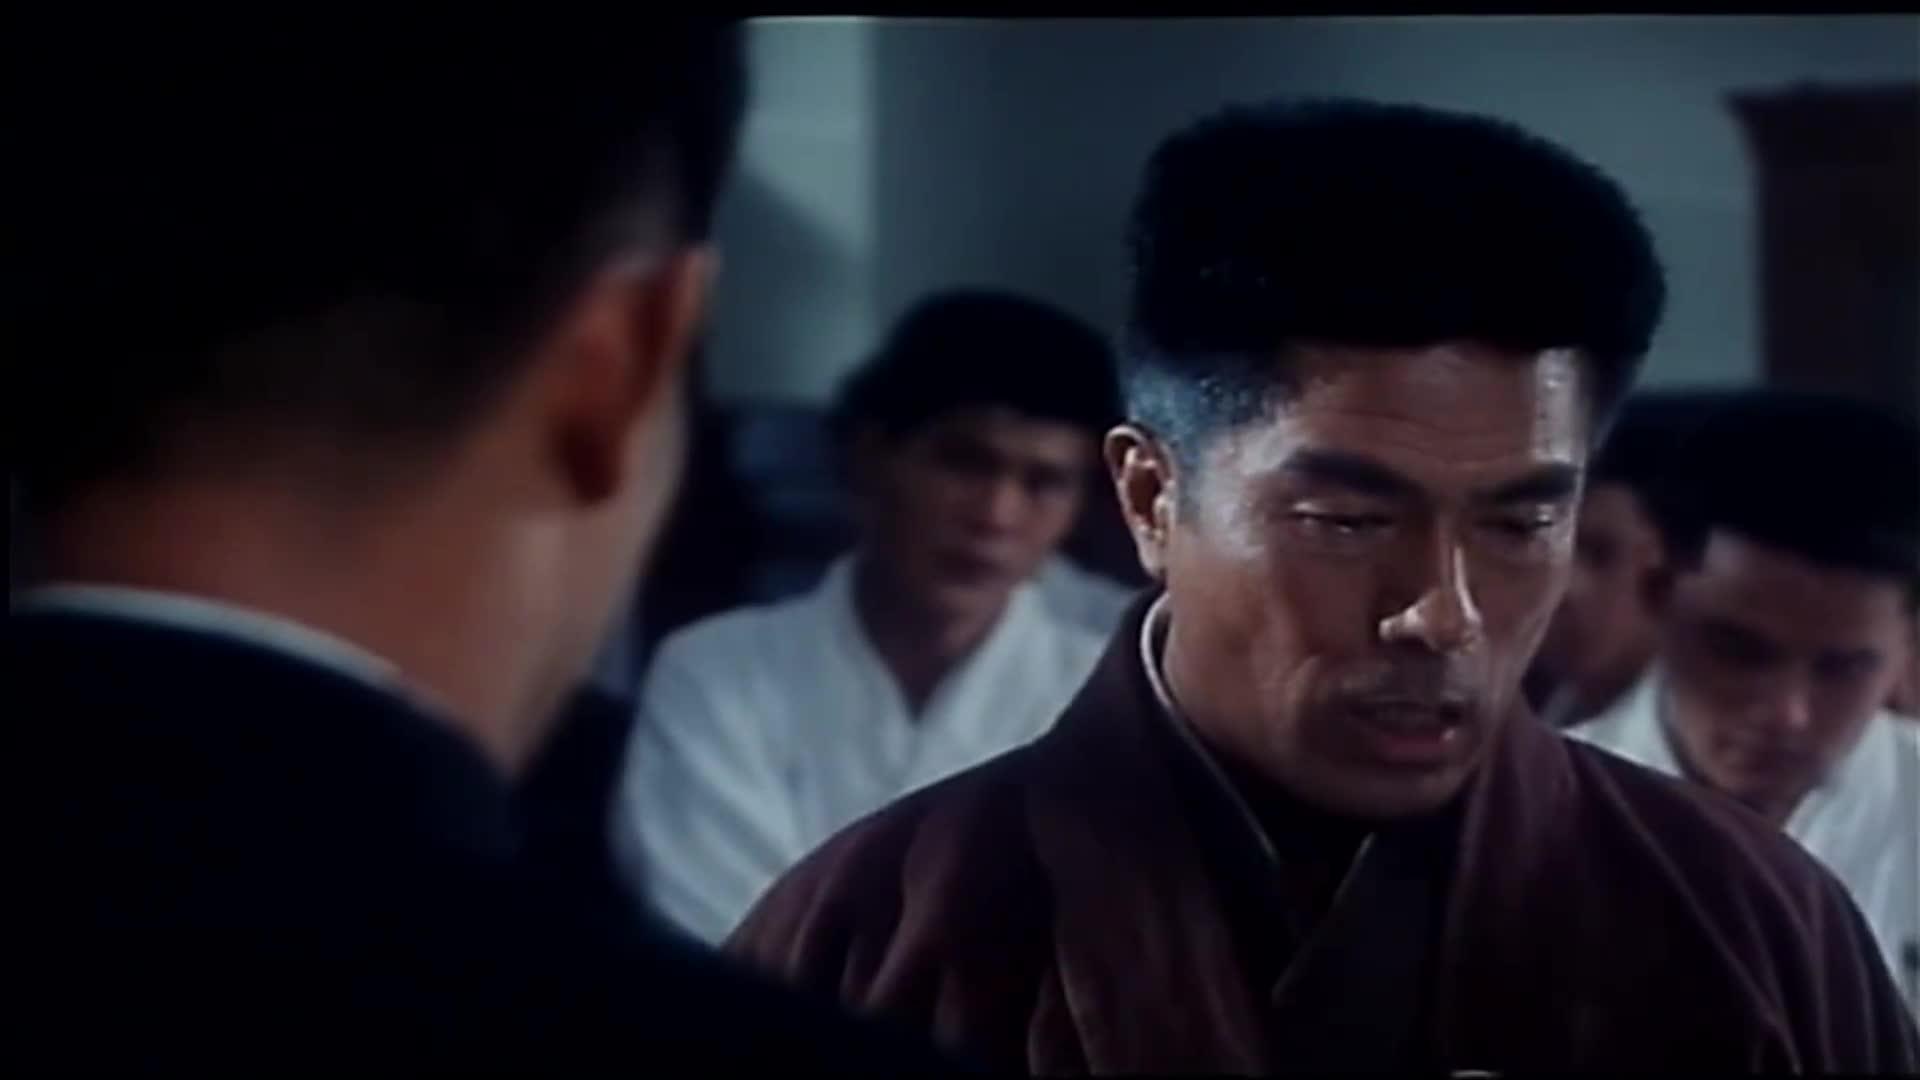 #精武英雄#精武英雄:日本军国主义有多强盛?看这段电影就知道了